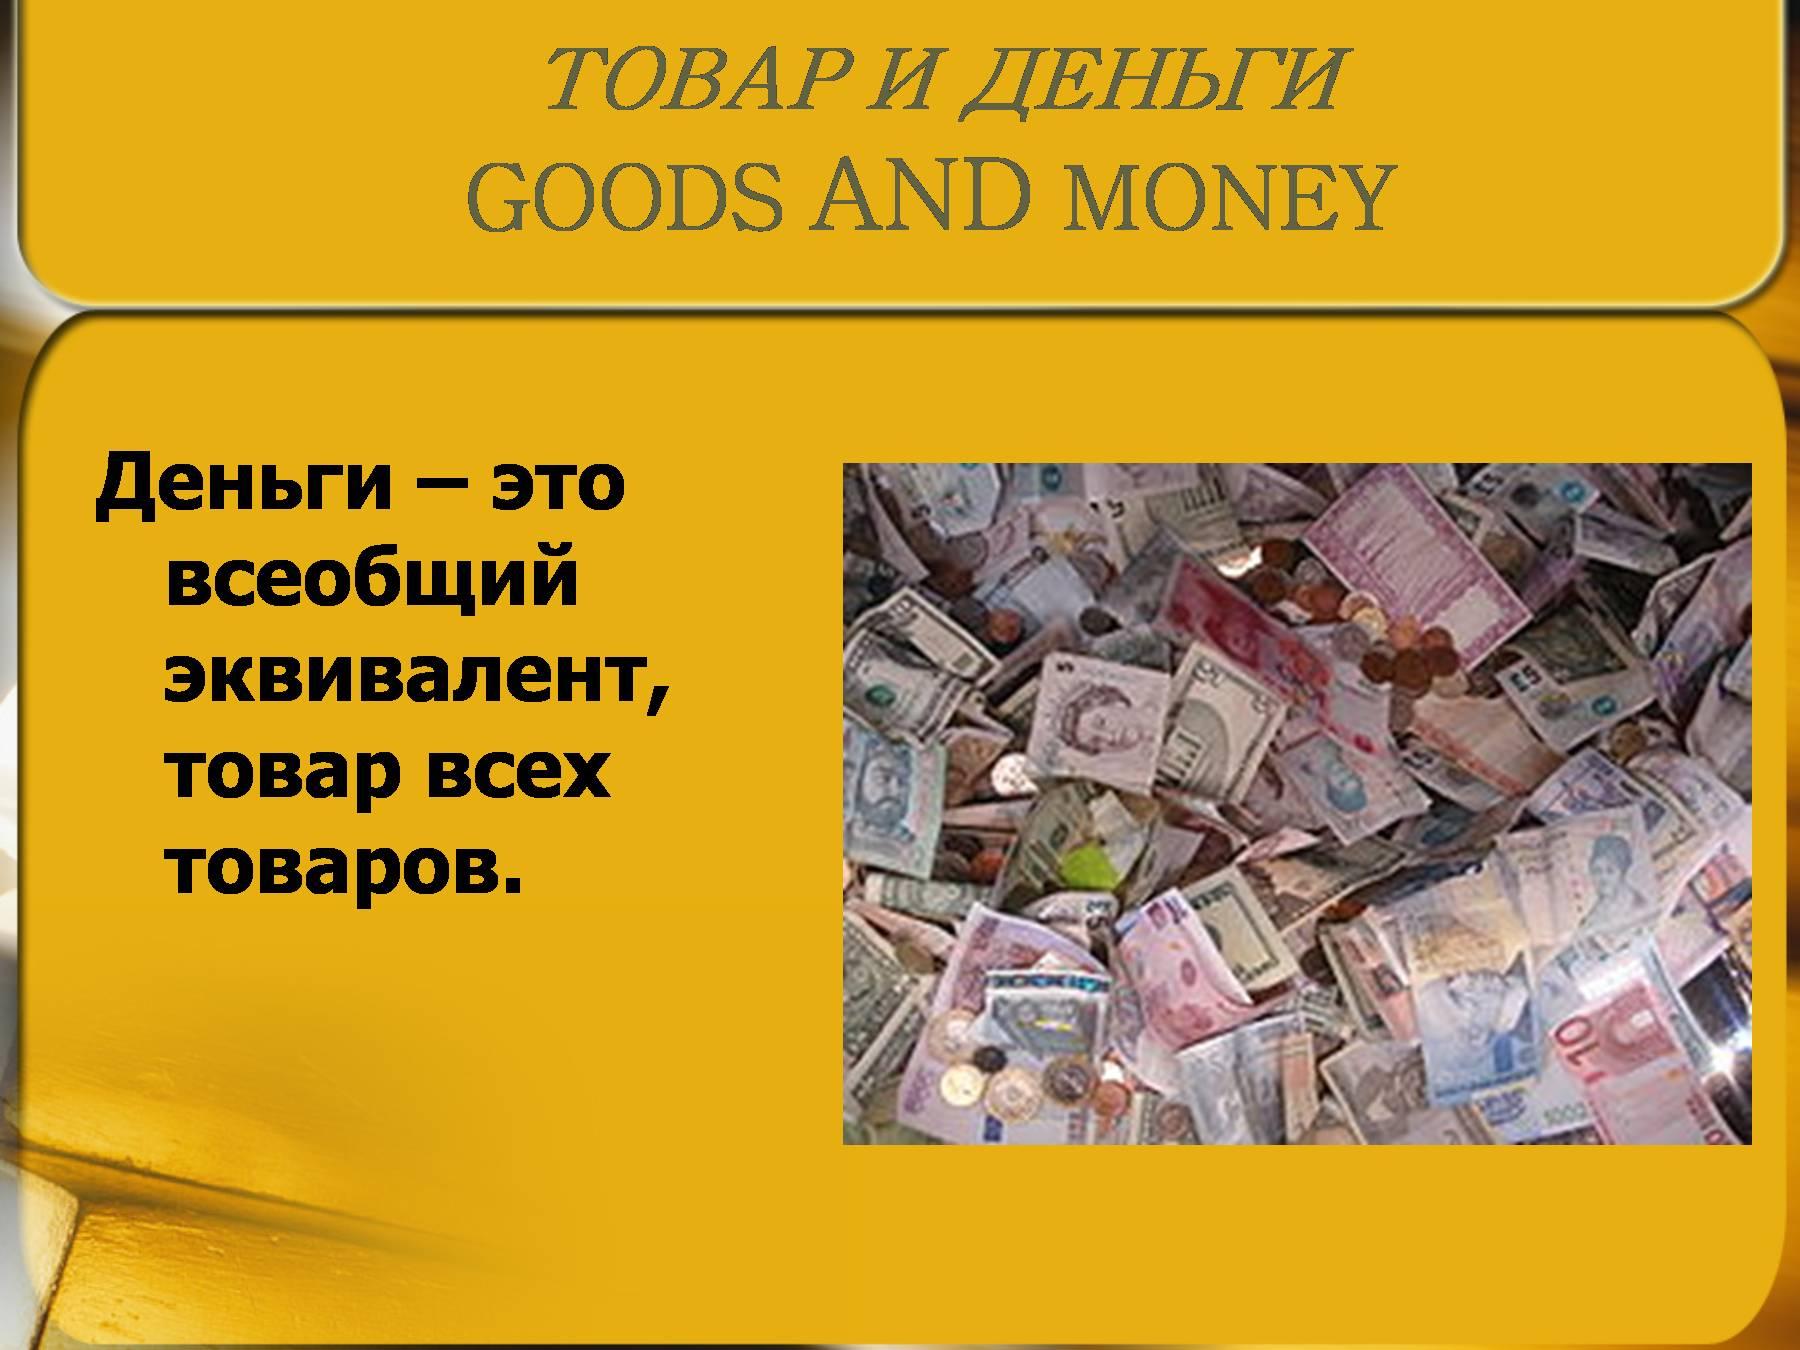 картинка обмен товара на деньги сельской местности зимнее